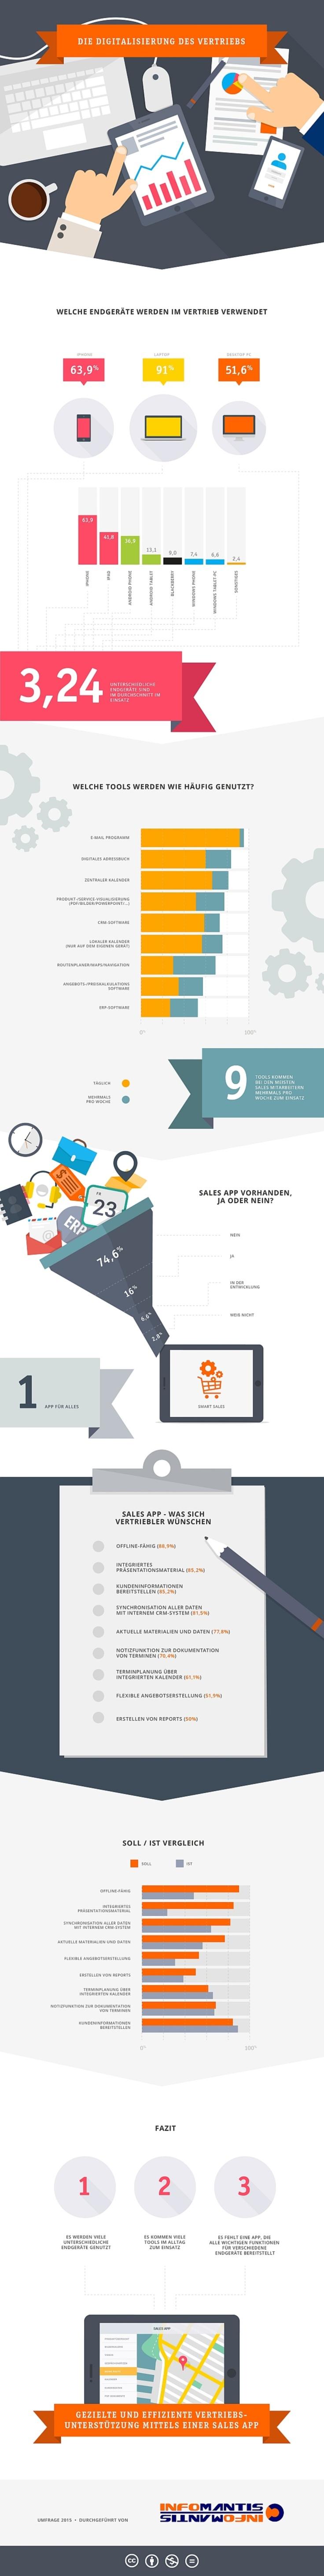 die-digitalisierung-des-vertriebs-infografik